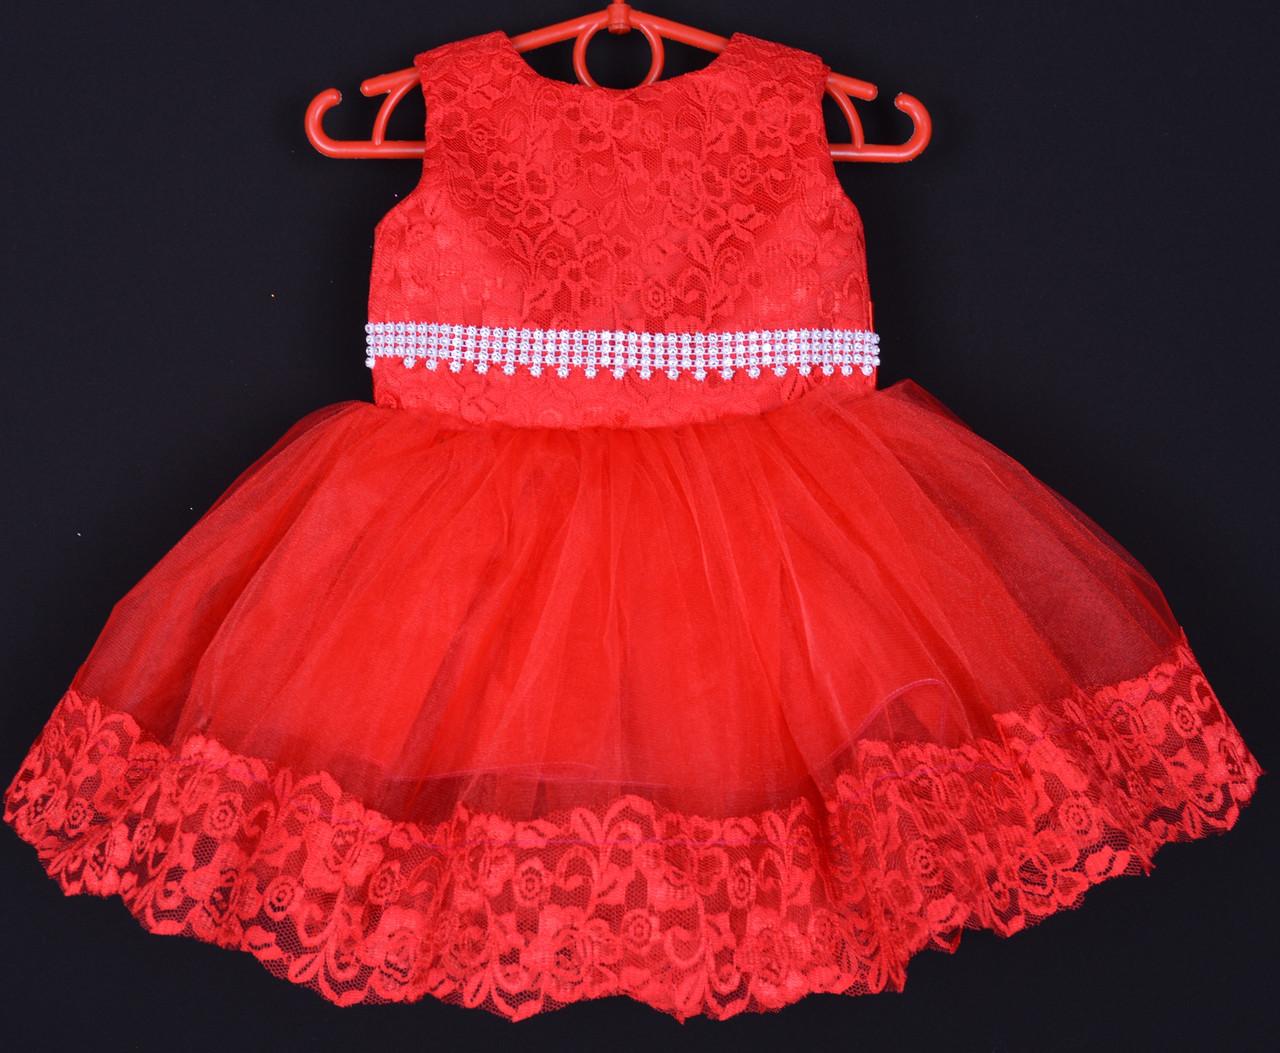 """Платье нарядное детское """"Милена"""" с кружевом. 1.5-2 года. Красное. Оптом и в розницу"""